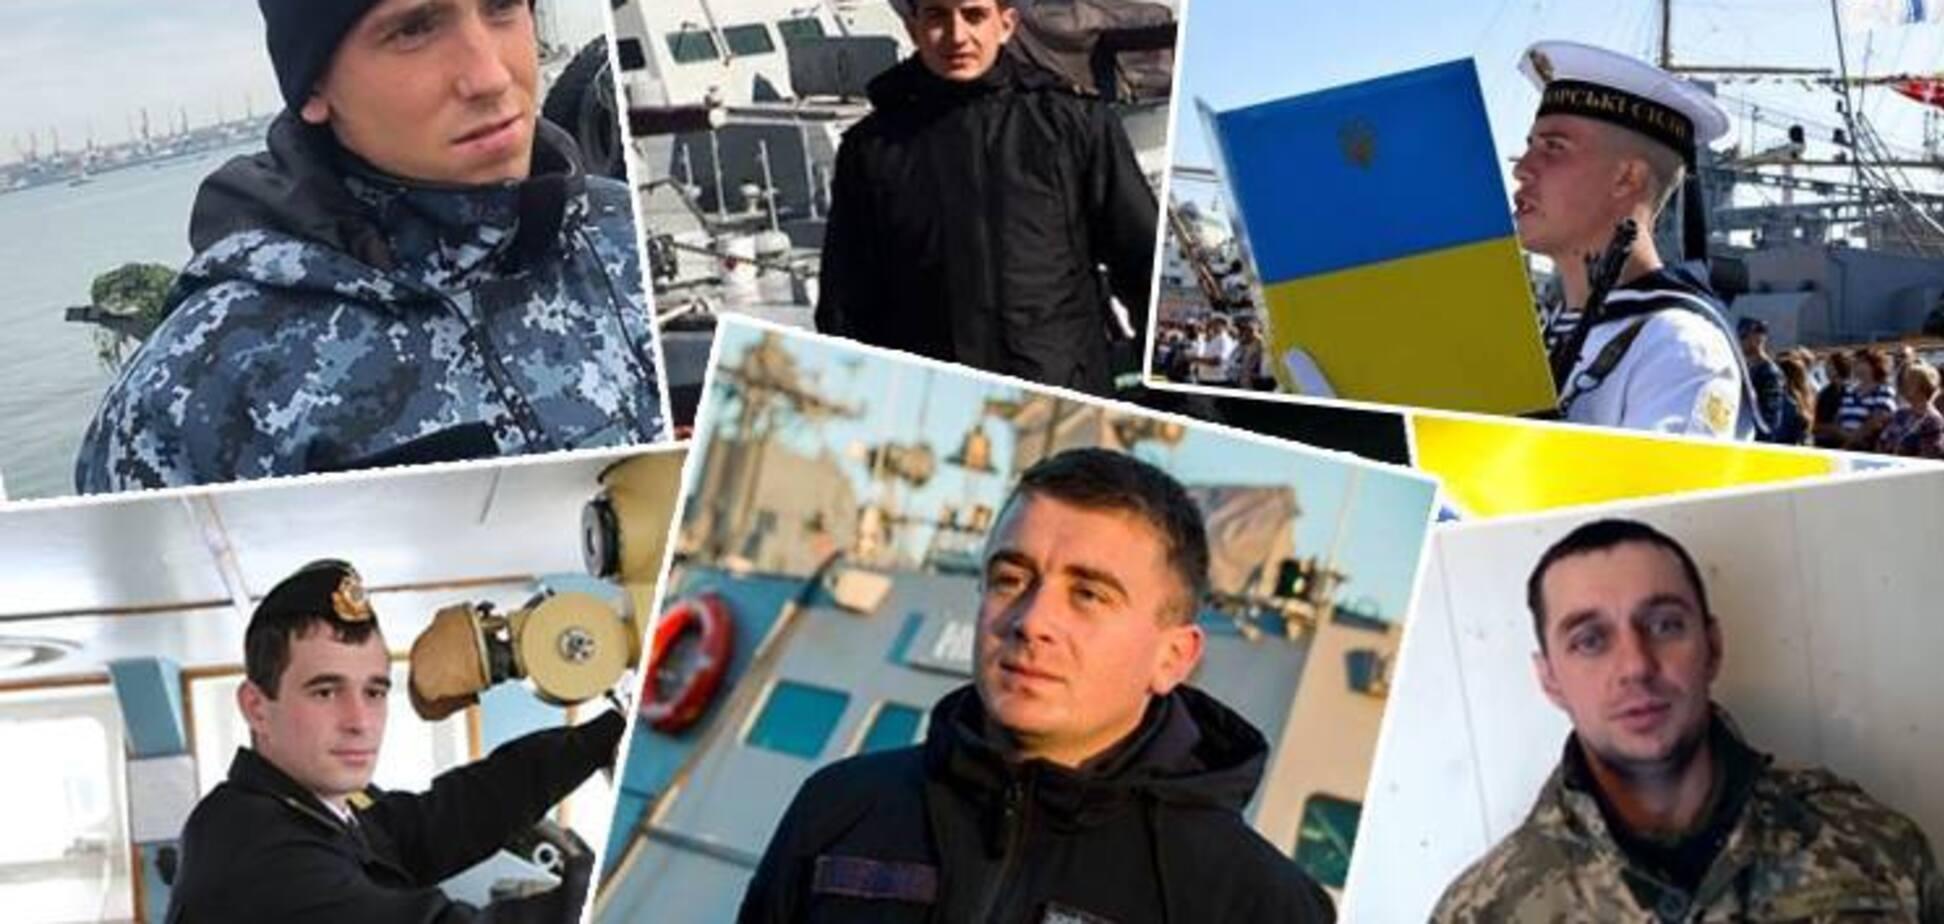 Потрібна термінова операція: полонений український моряк може стати калікою